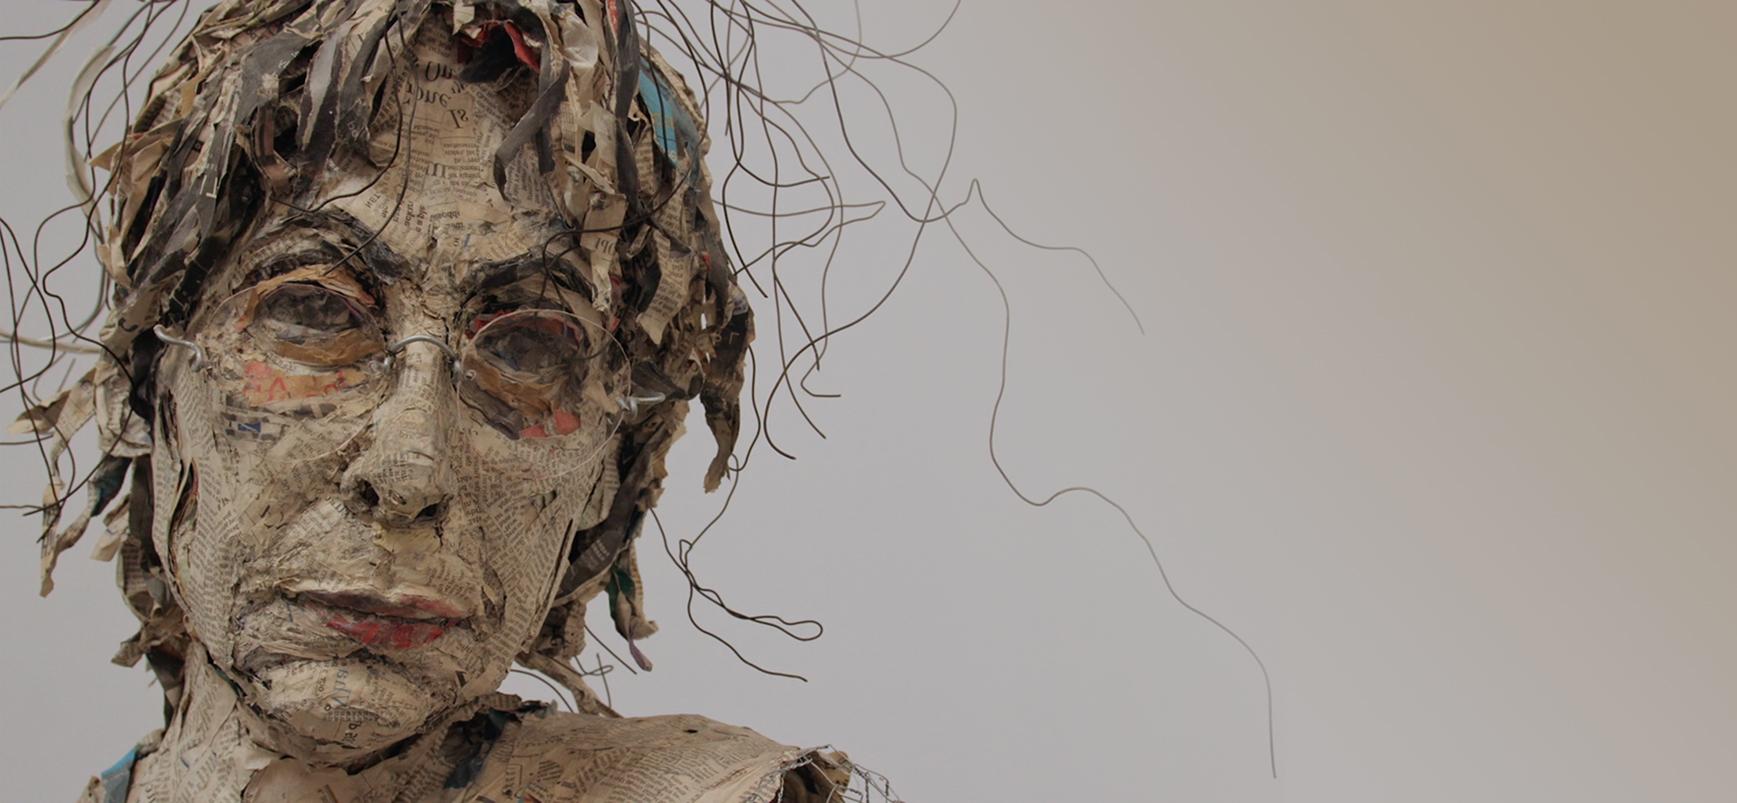 Mindy Sculpture (Self-Portrait)